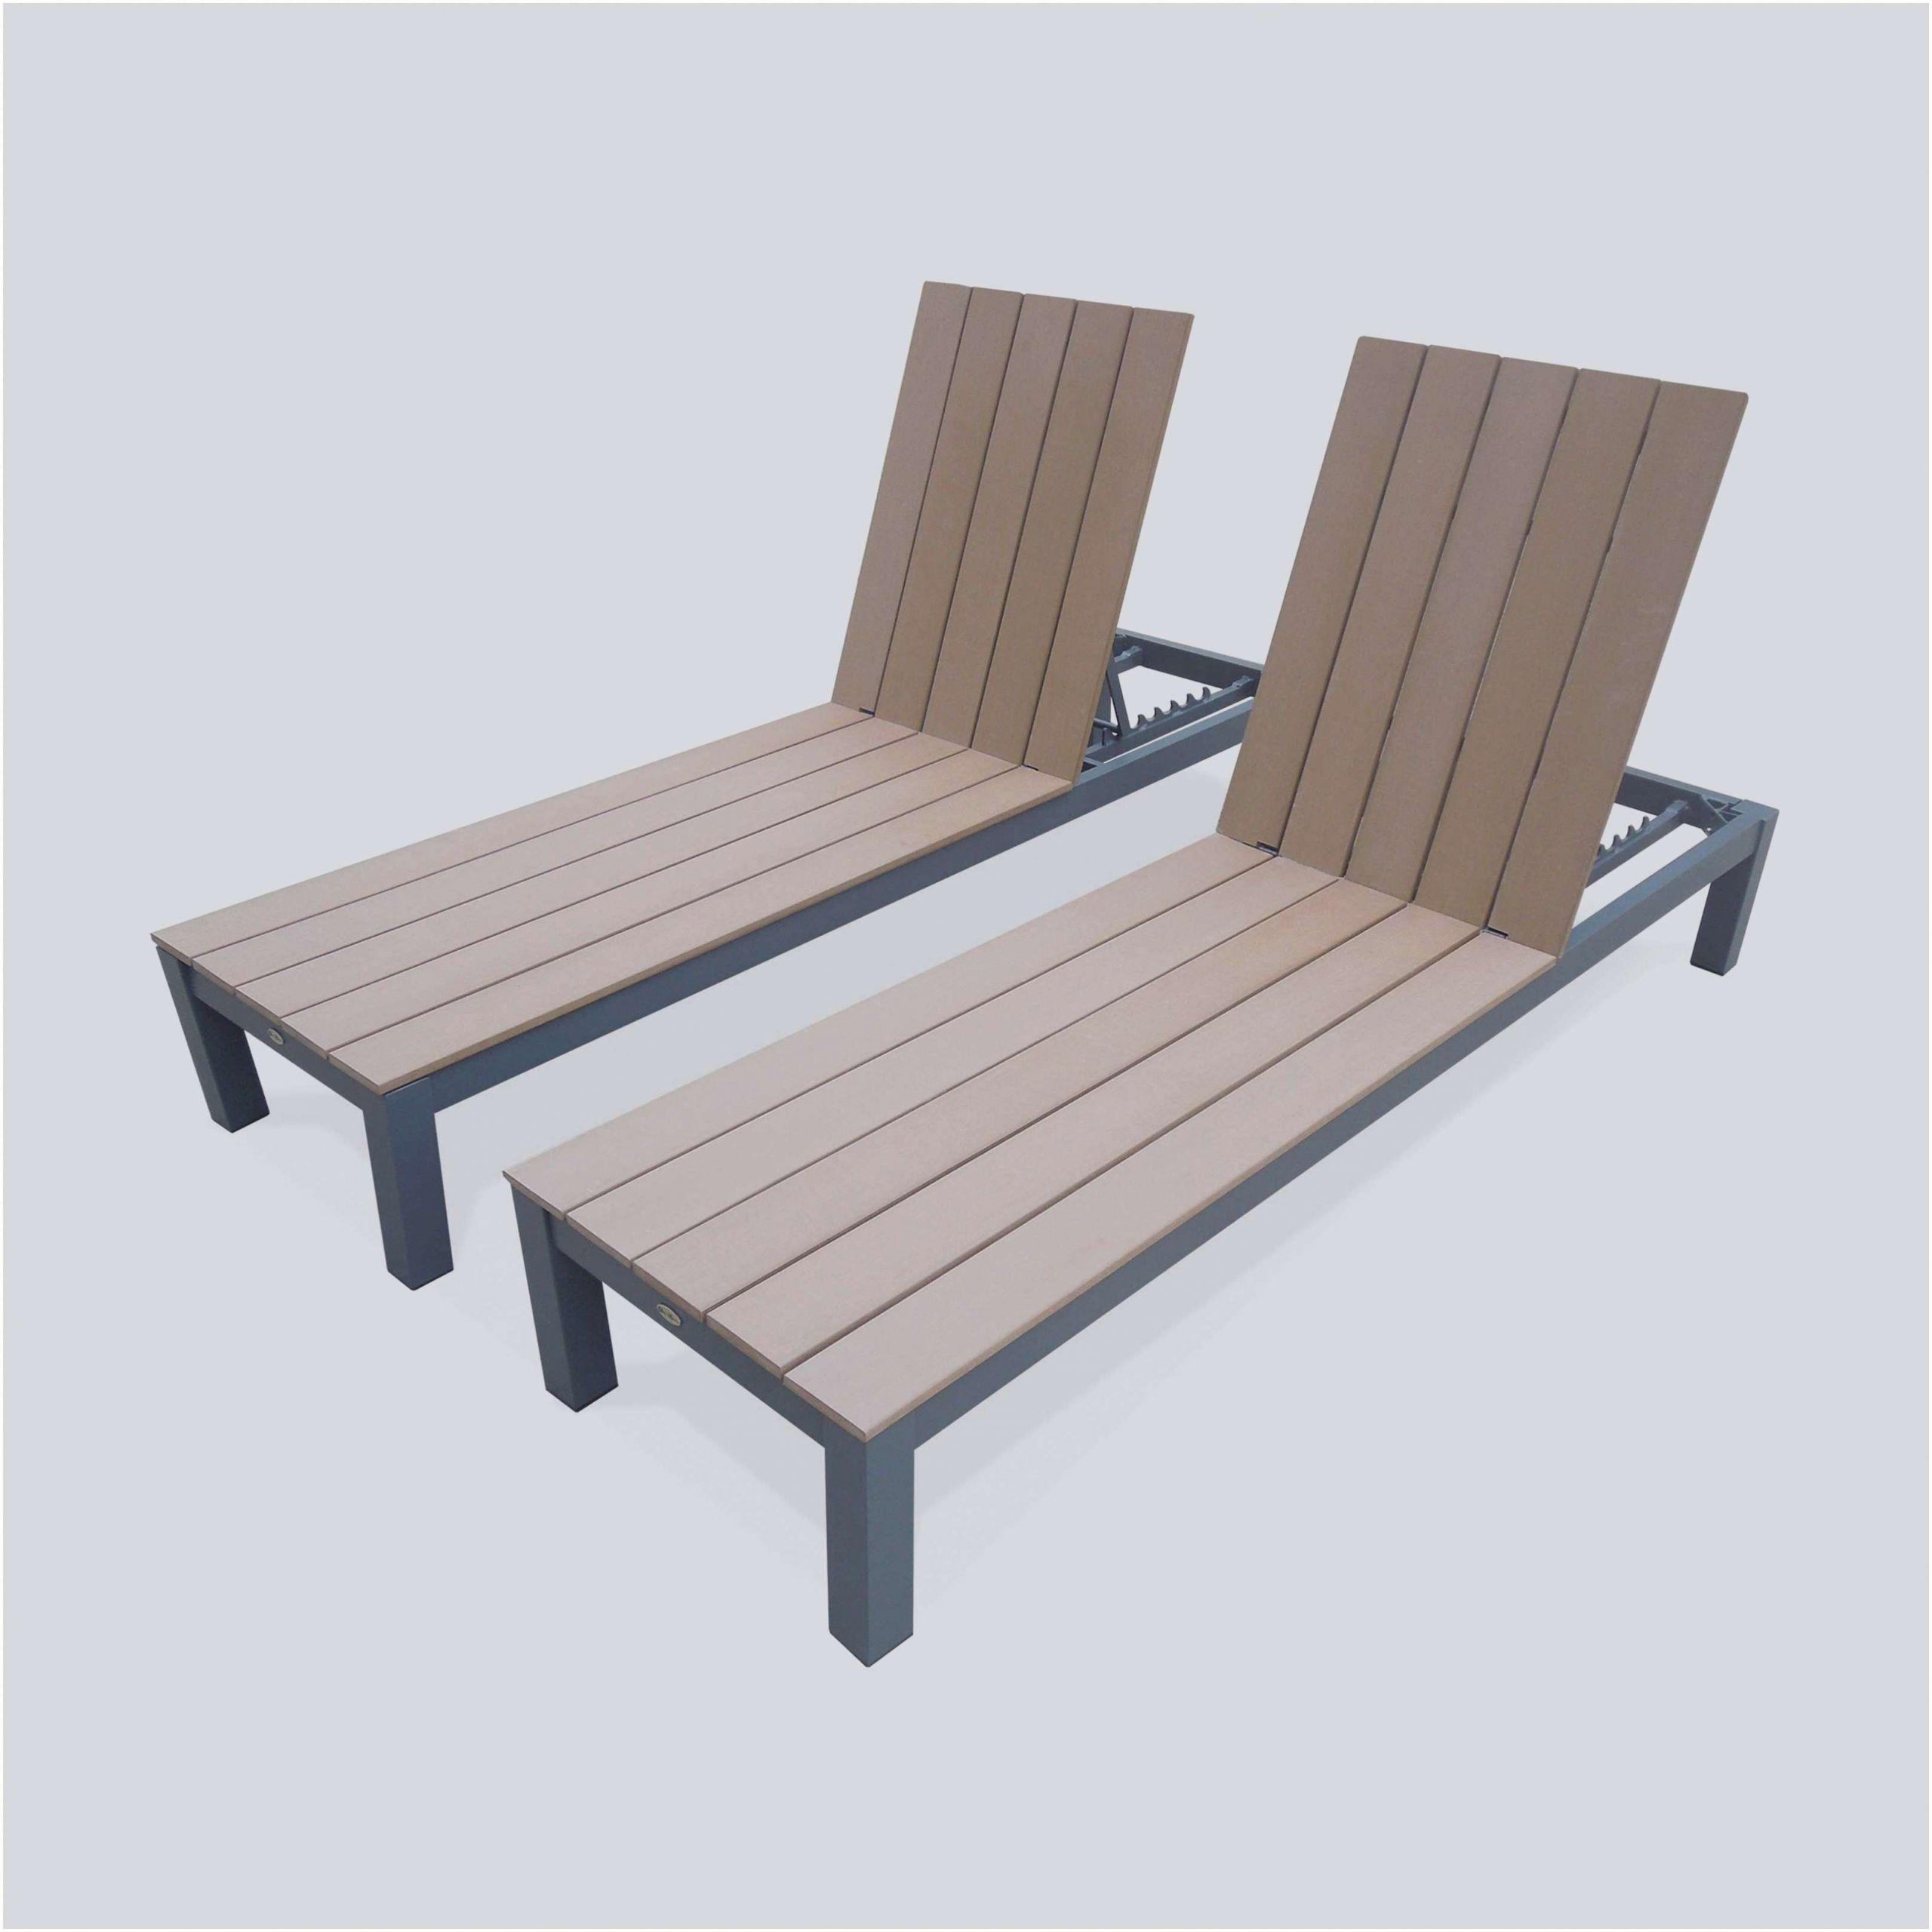 fauteuil en palette facile 0d chaise longue pas cher chaise longue de jardin pas cher jardin maison impressionnant inspire maha de chaise longue bois mahagranda de home pour altern